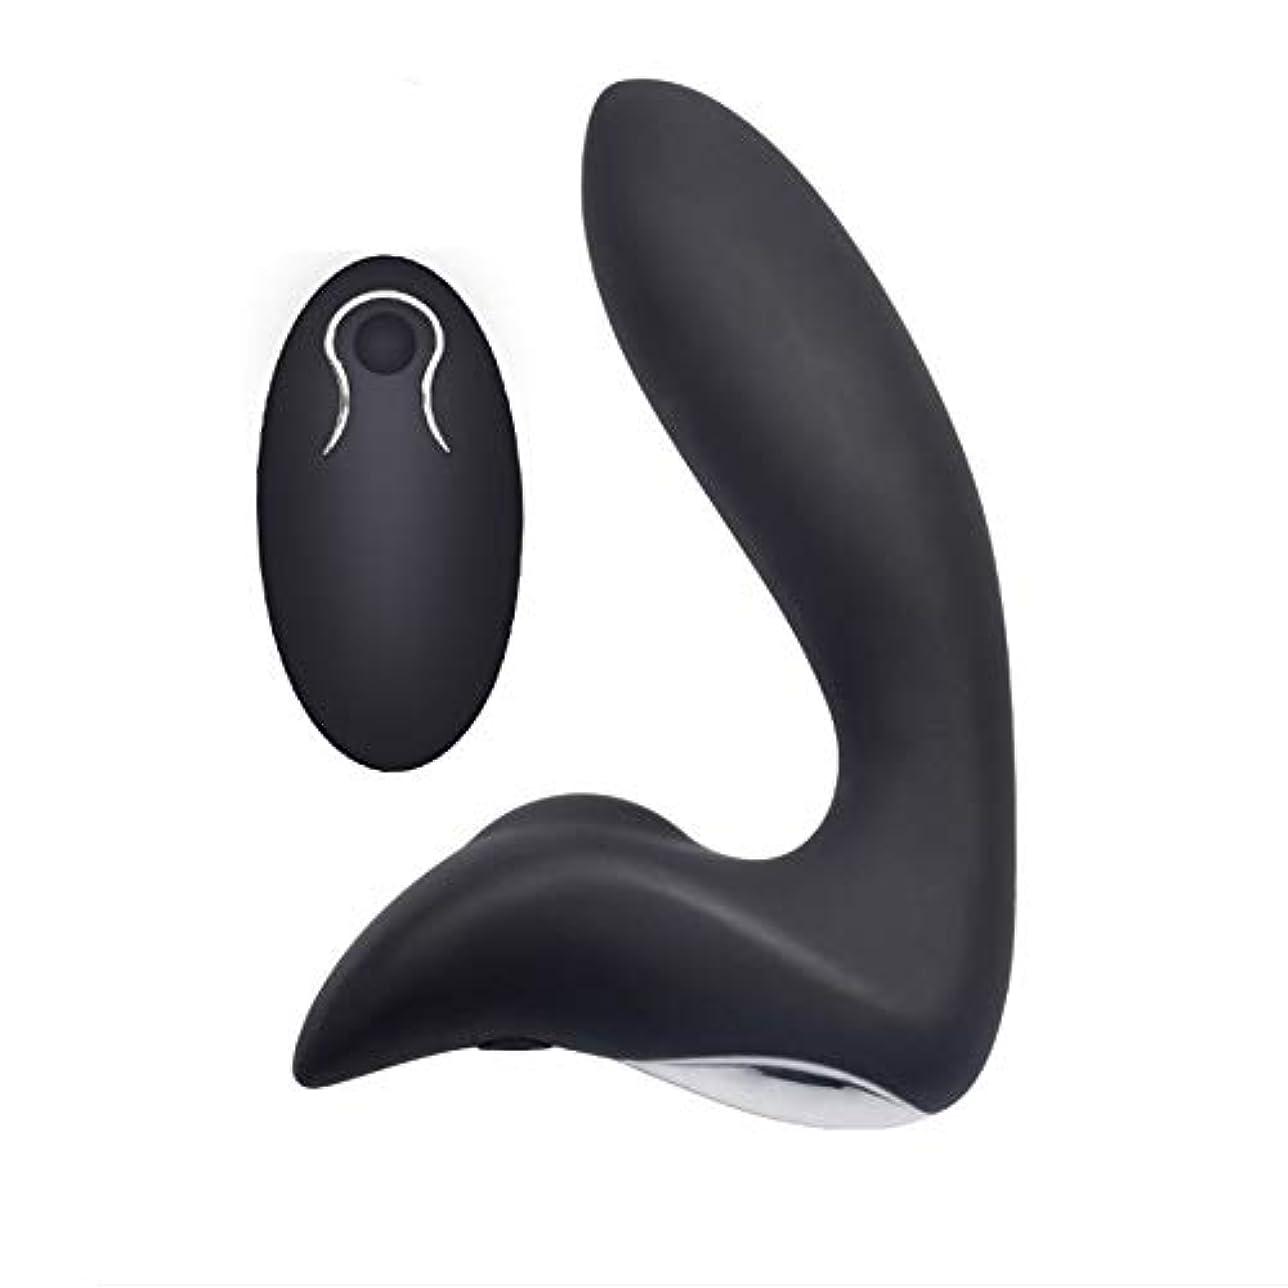 事前添加剤伝染性の電気式マッサージ器前立腺マッサージ器黒色リモートコントロール付き12周波数感受性領域は静かな防水性大人を刺激する